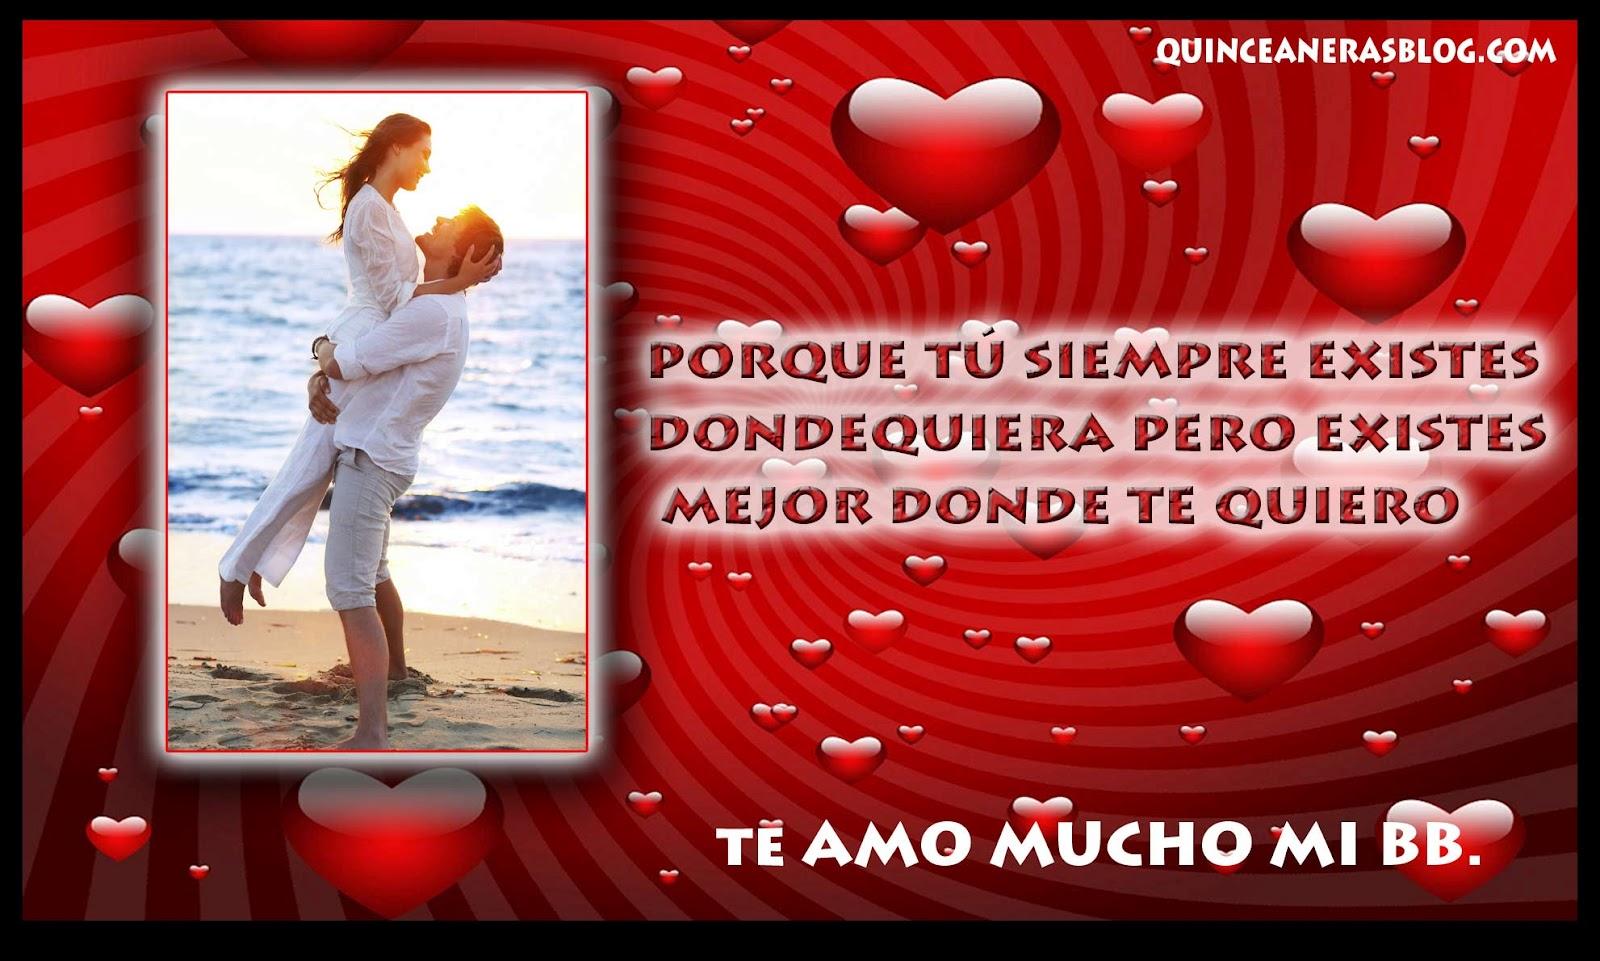 Imagenes De Amor Con Frases De Amor: Todo Msn Chat: Imagenes Para Facebook De Amor Con Frases